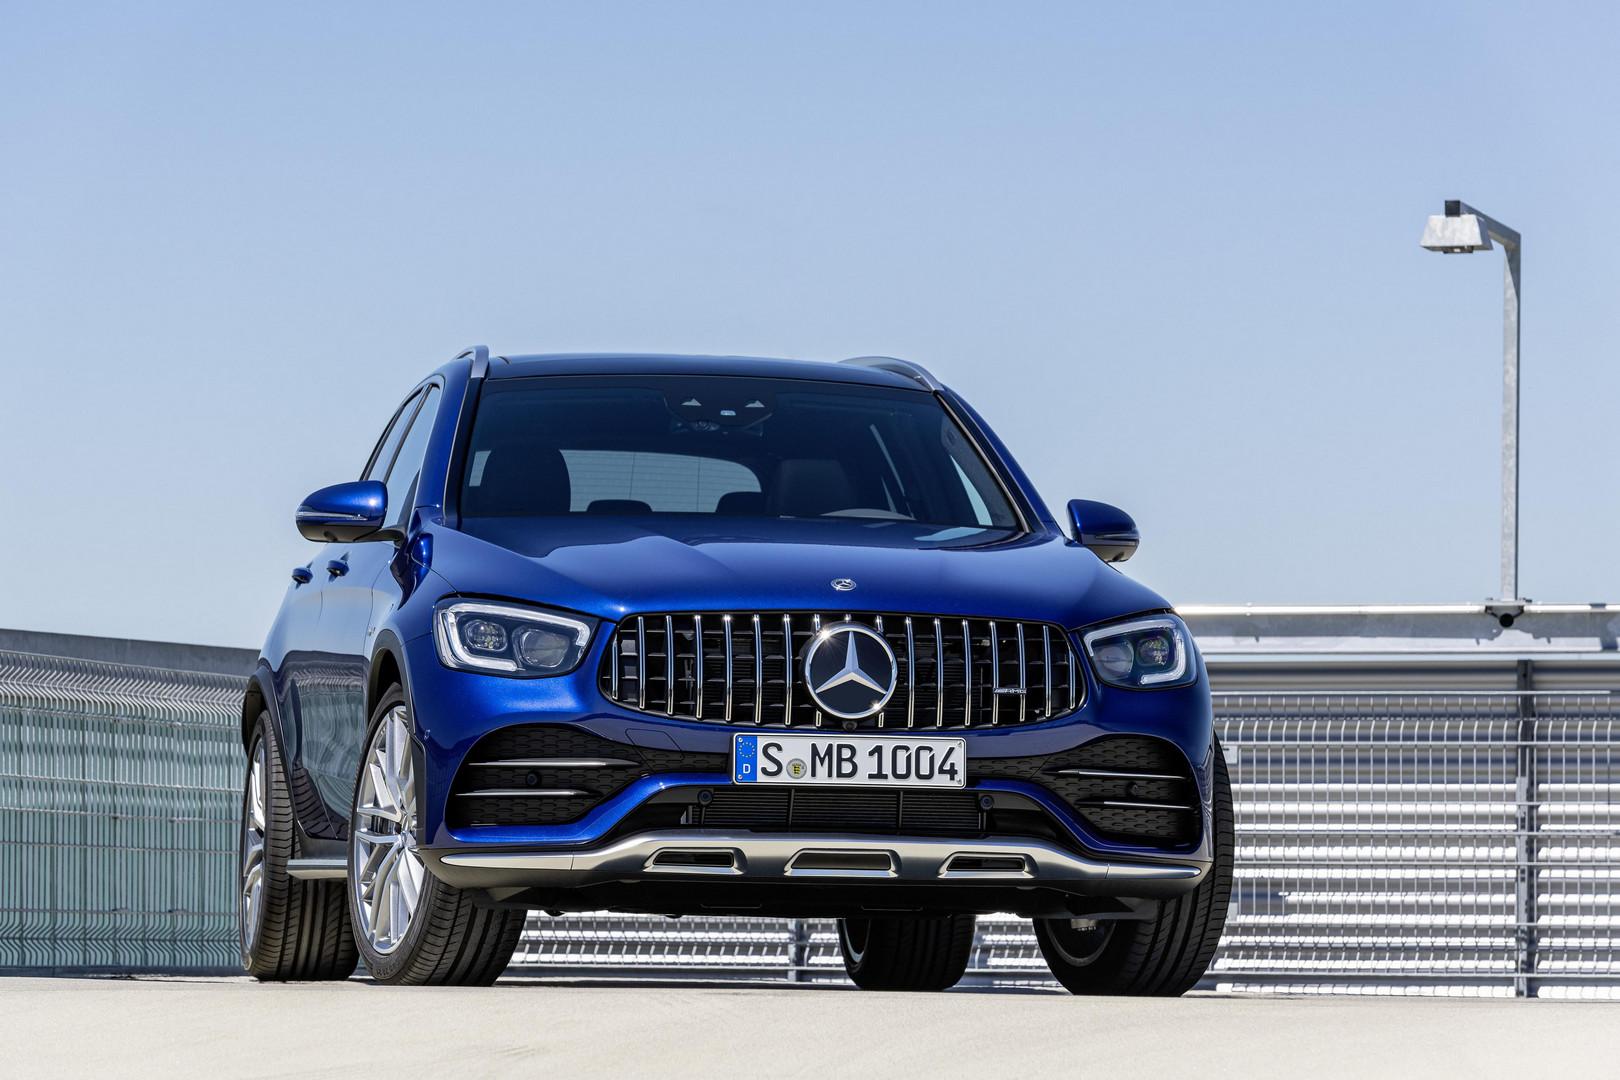 Blue Mercedes-AMG GLC 43 SUV